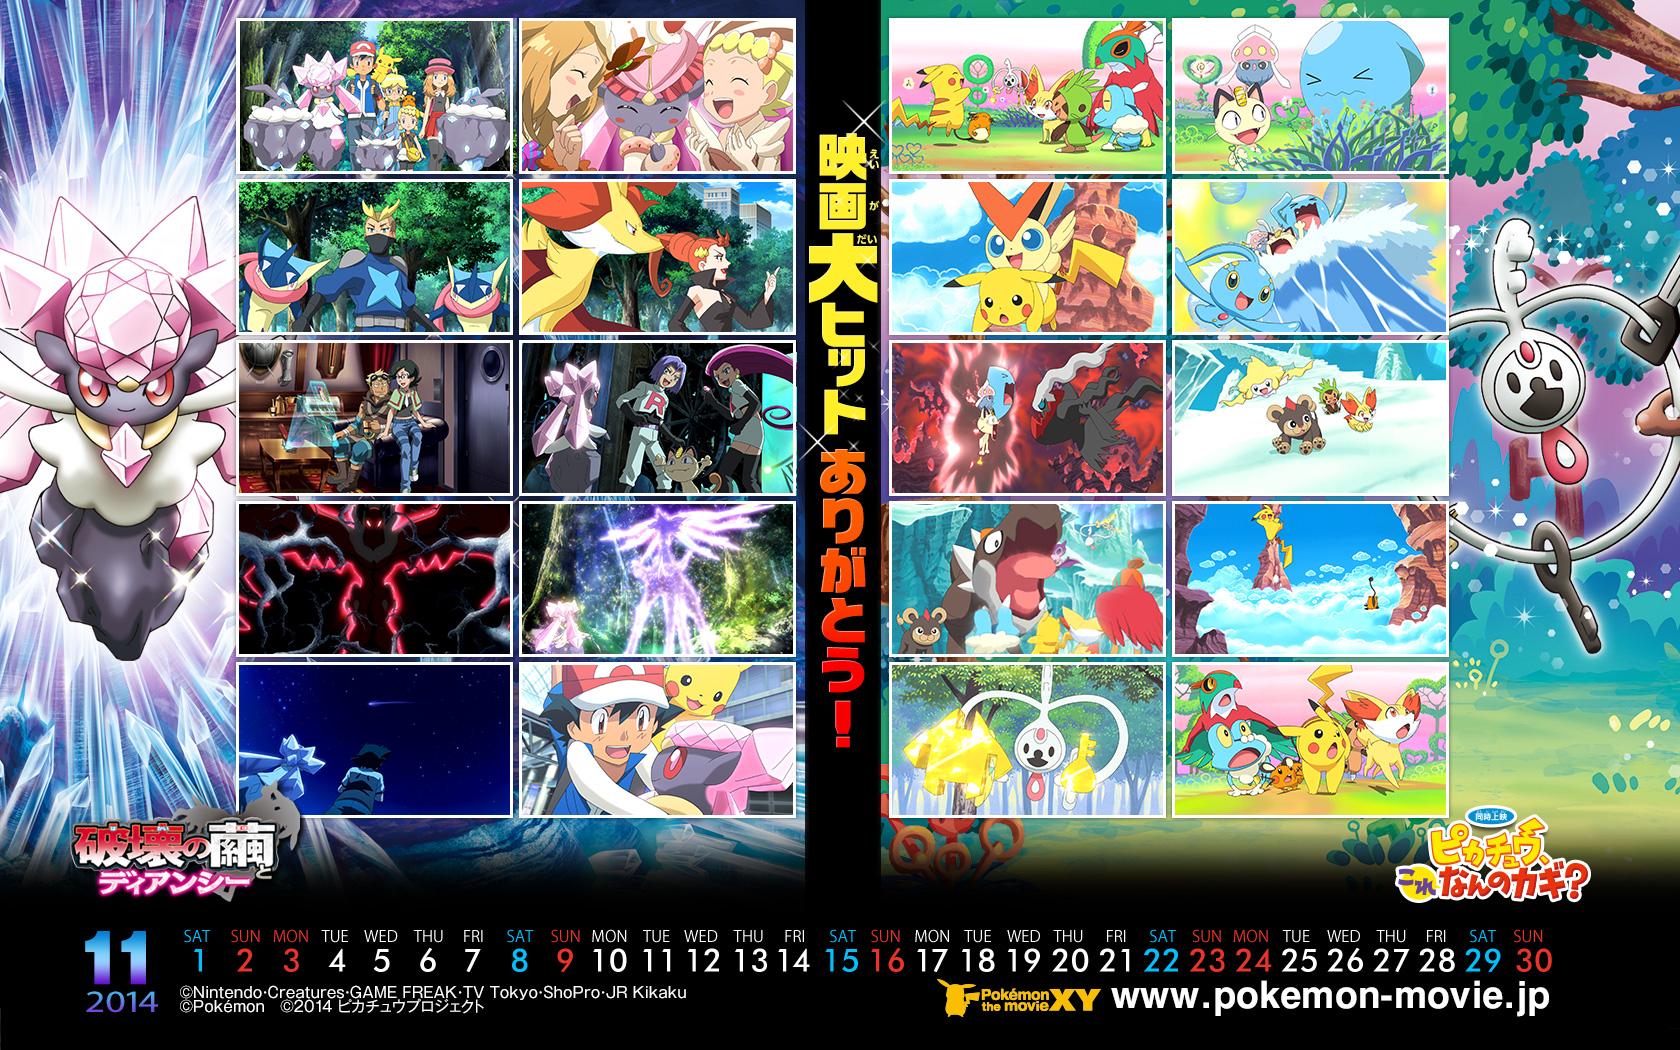 ポケモン カレンダー壁紙 2014年11月 ポケモン映画公式サイト ポケモン